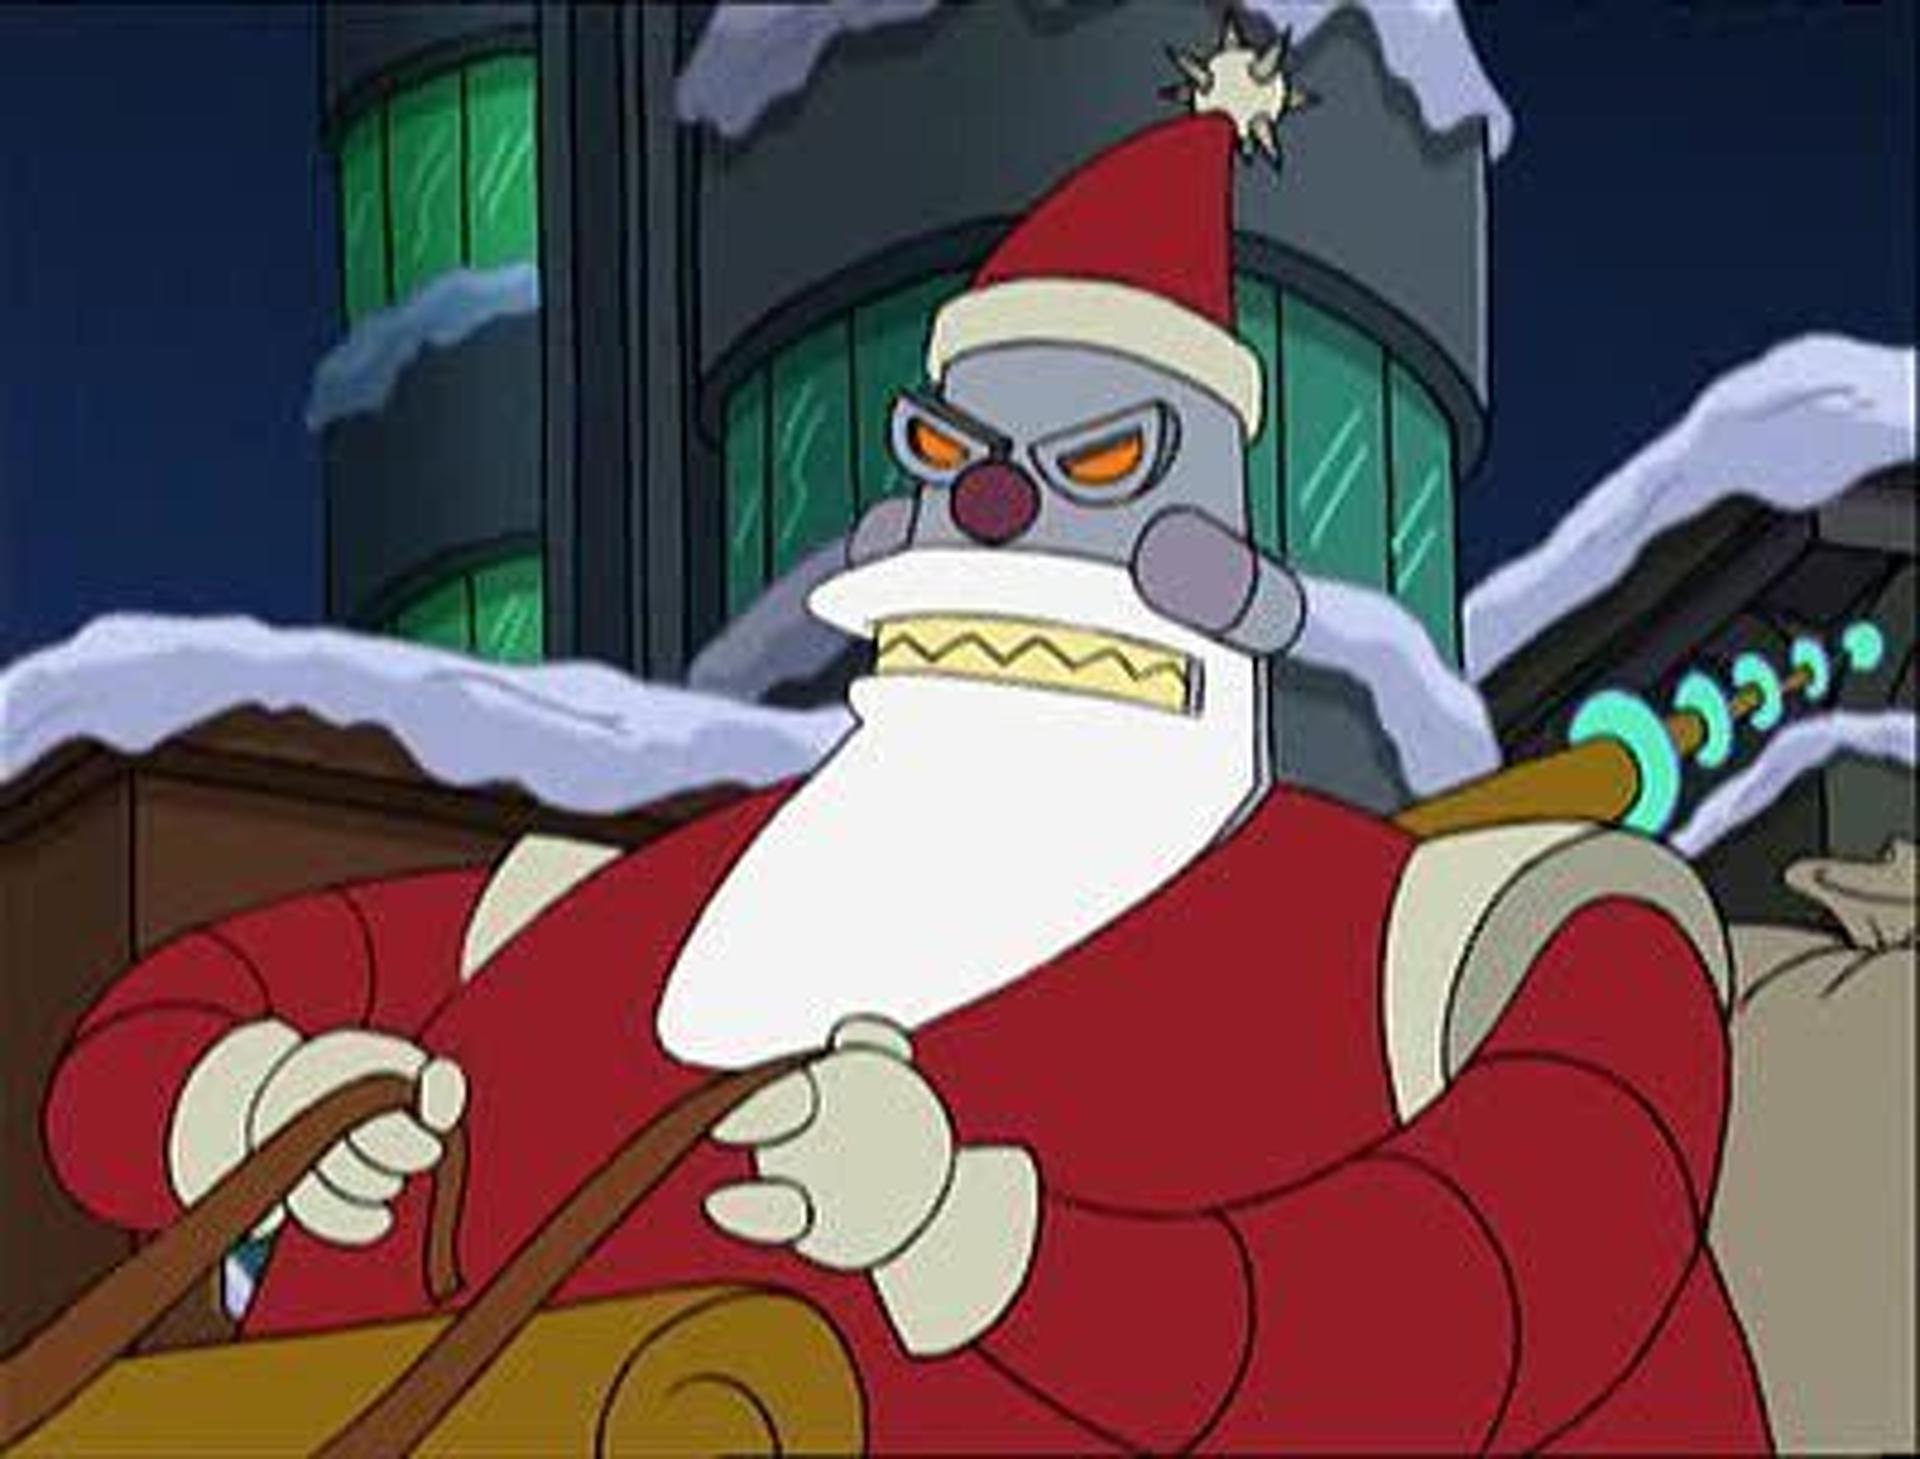 Futurama Christmas Episodes.Futurama S02e08 Xmas Story Summary Season 2 Episode 8 Guide